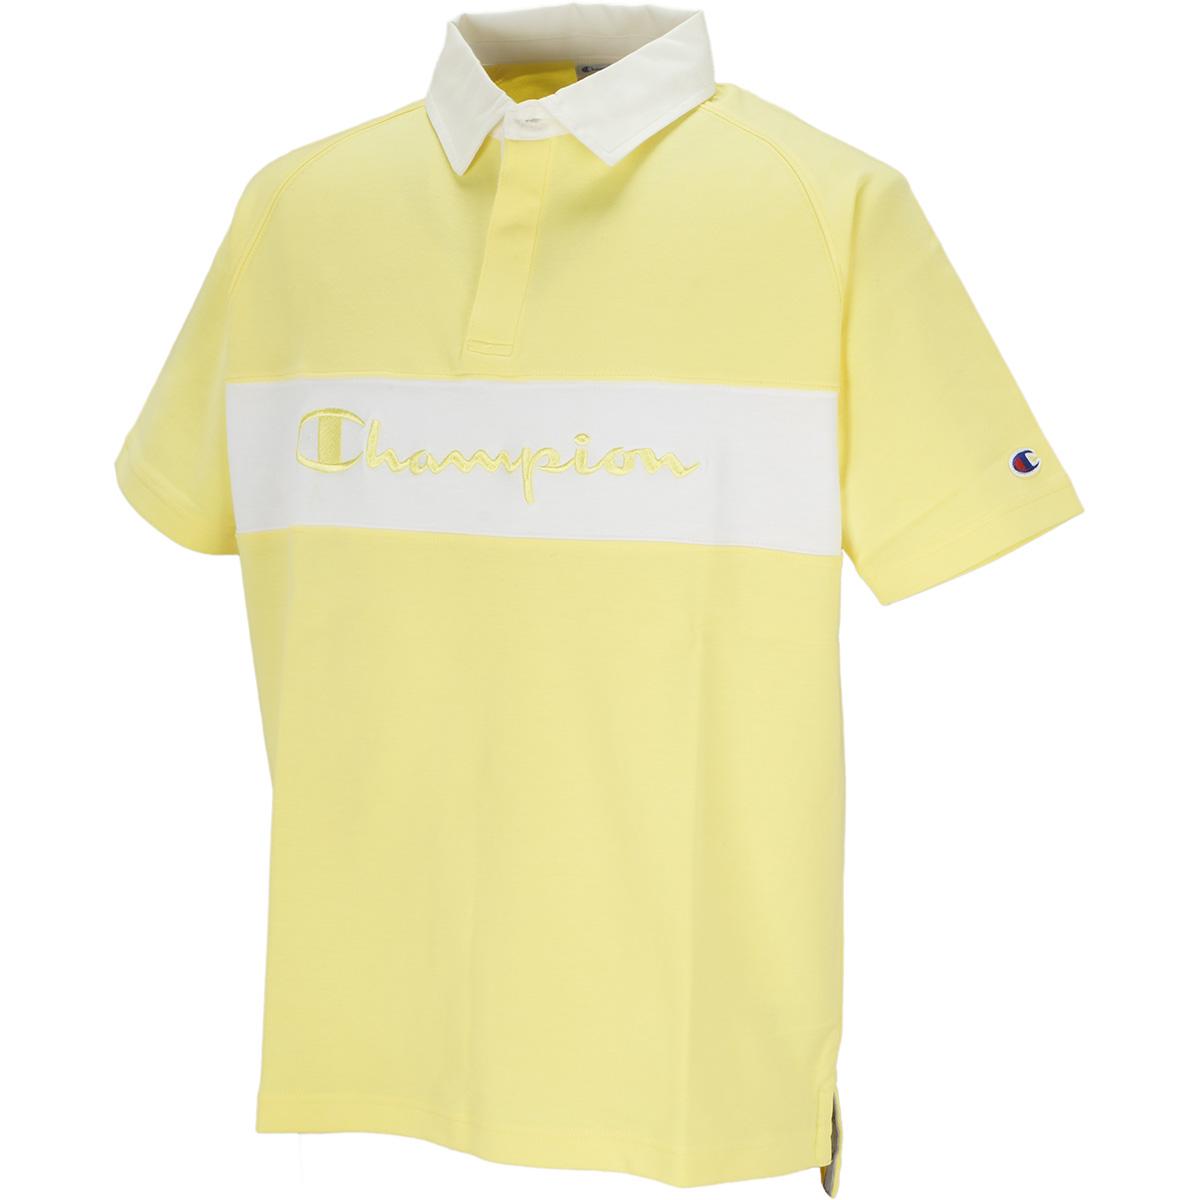 ポンチ 半袖ポロシャツ